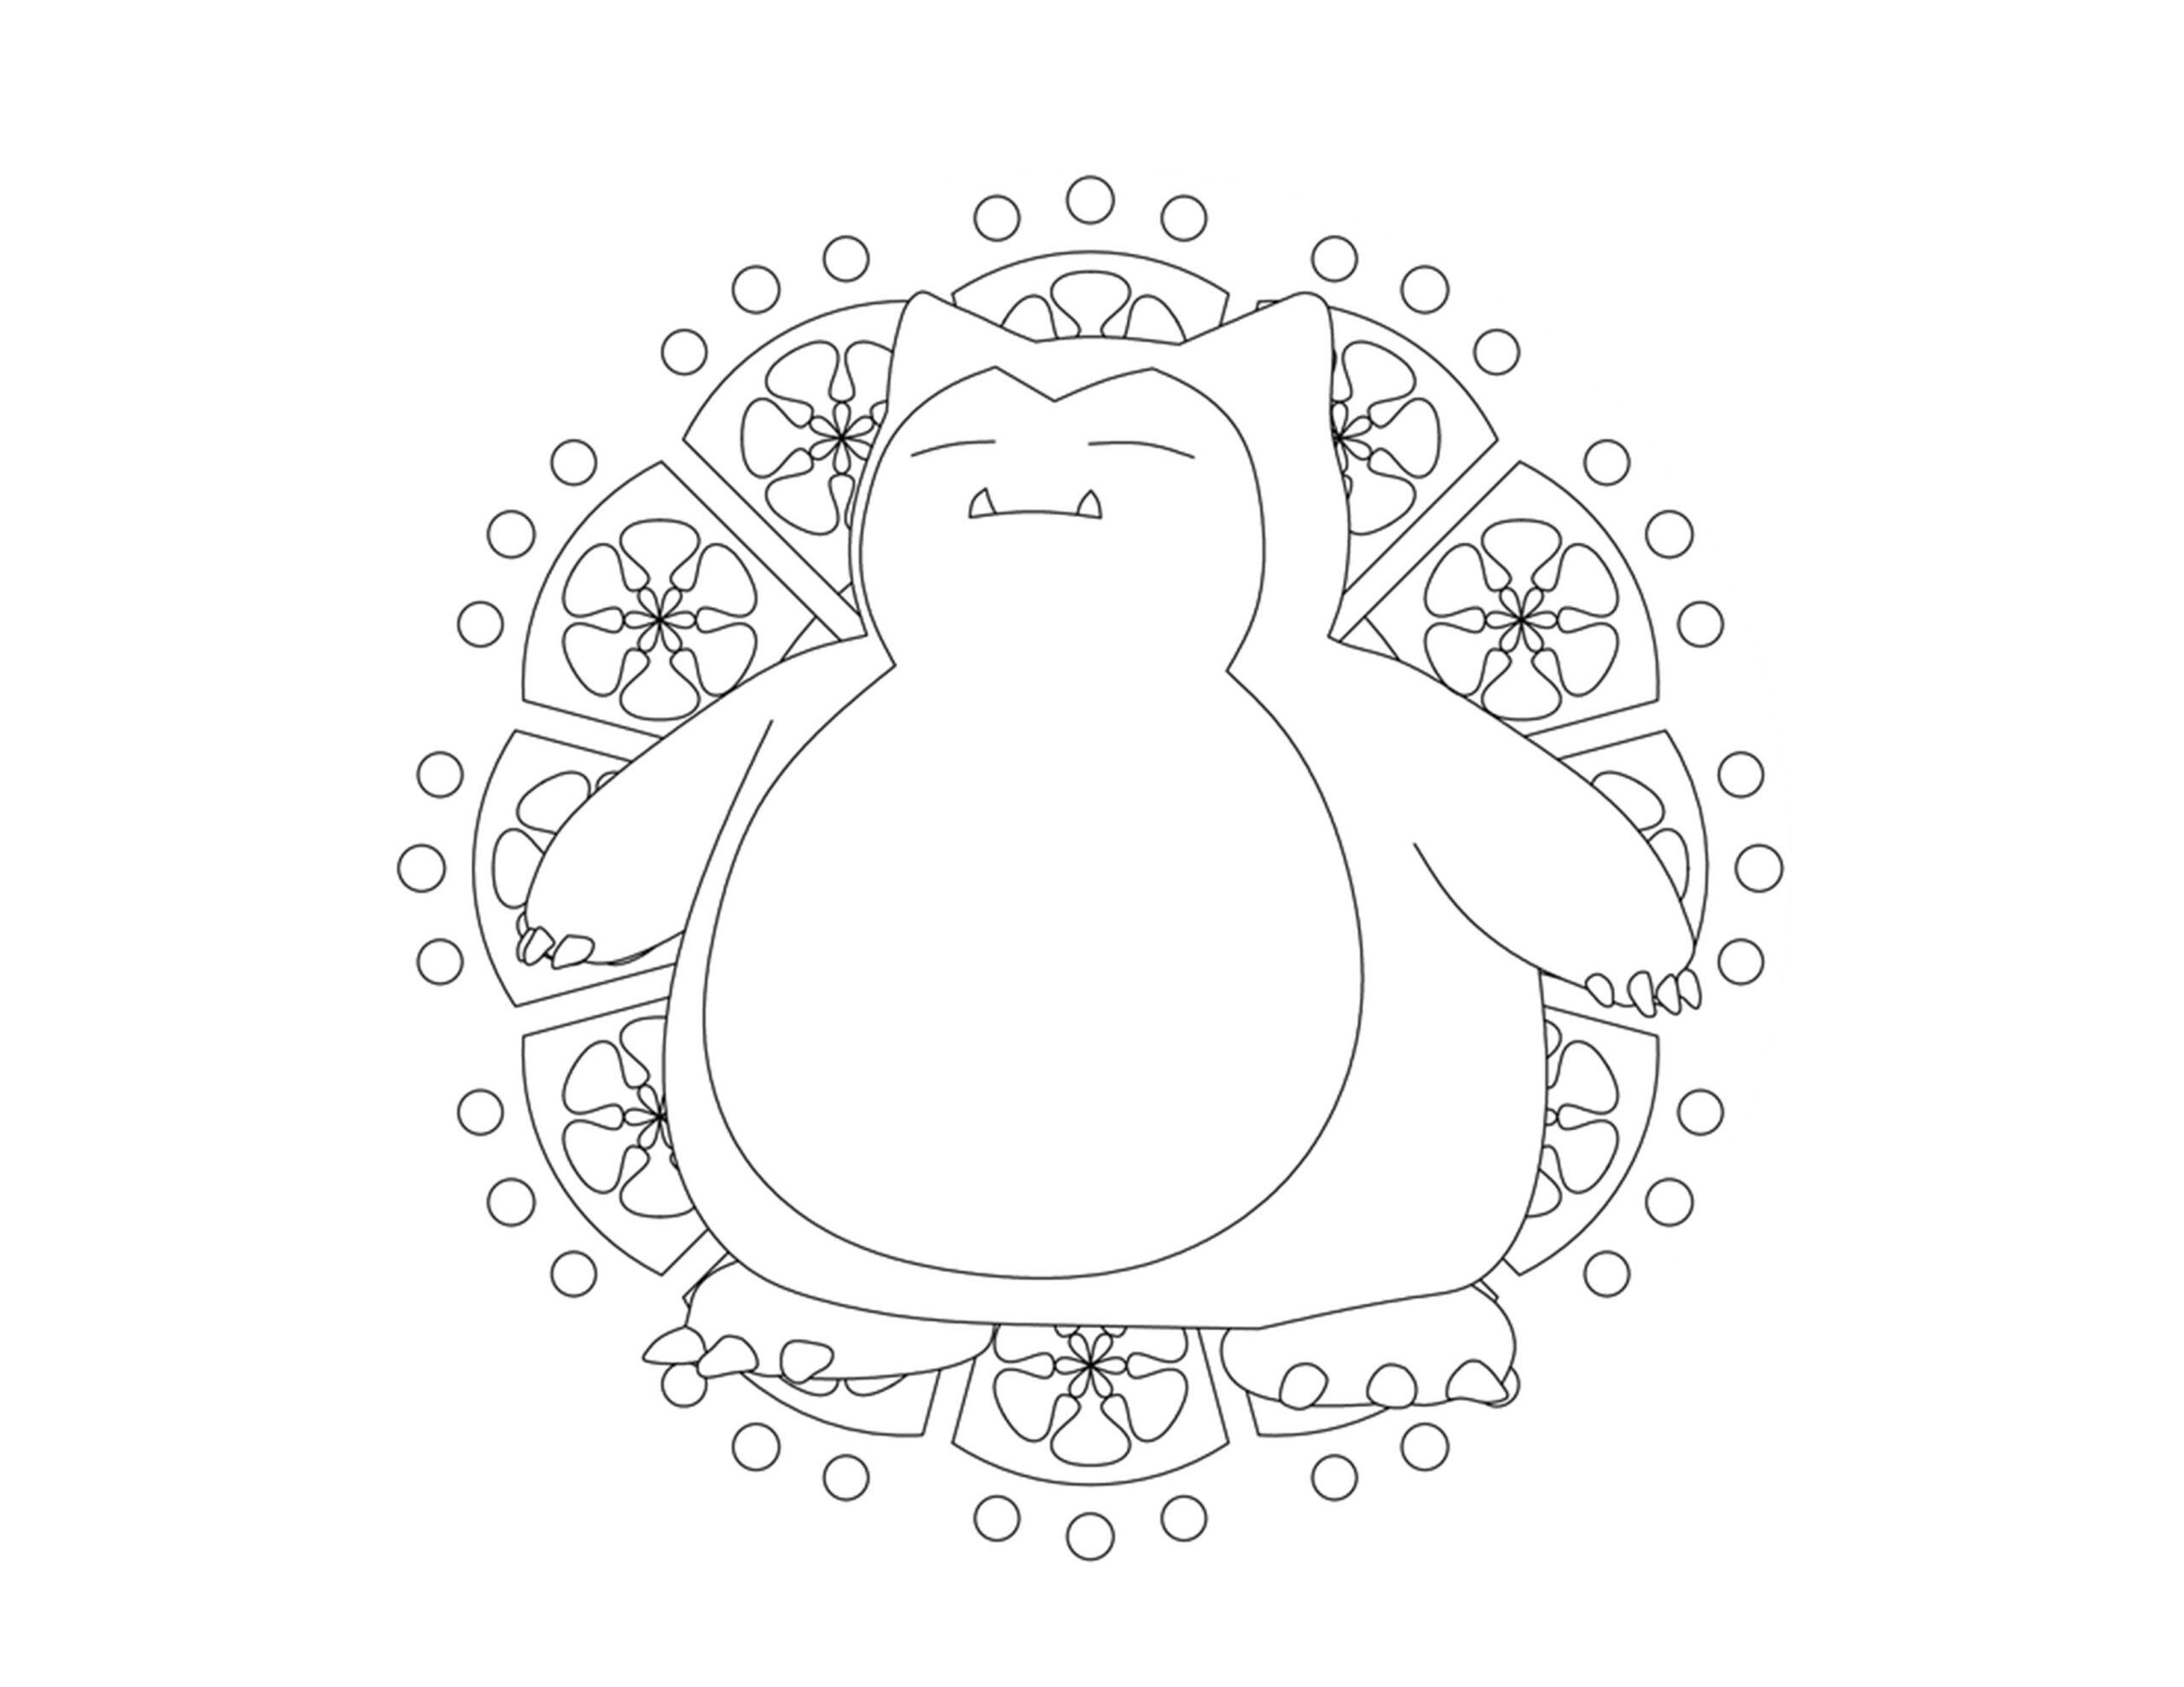 Pokemon snorlax kleurplaat